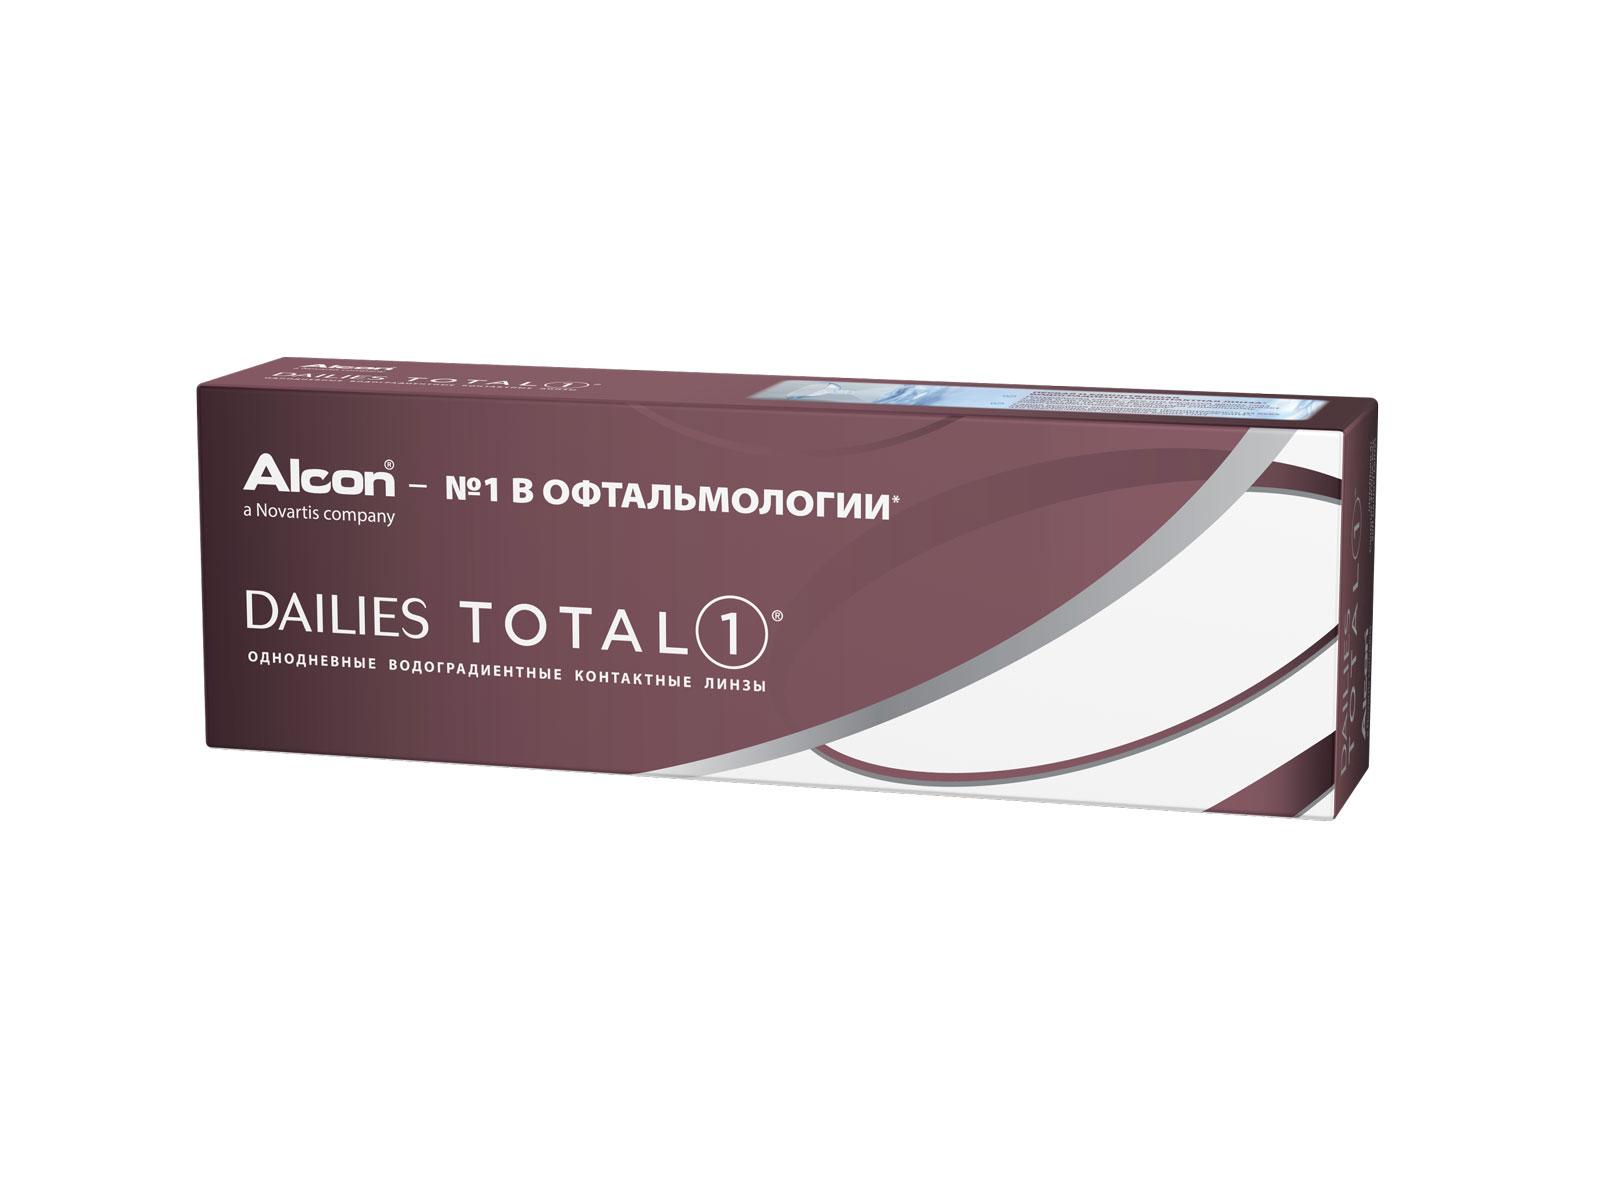 Alcon контактные линзы Dailies Total 1 30pk /+5.25 / 8.5 / 14.1100029297Dailies Total 1 – линзы, которые не чувствуешь с утра и до поздного вечера. Эти однодневные контактные линзы выполнены из уникального водоградиентного материала, багодаря которому натуральная слеза – это все, что касается ваших глаз. Почти 100% влаги на поверхности обеспечивают непревзойденный комфорт до 16 часов ношения.